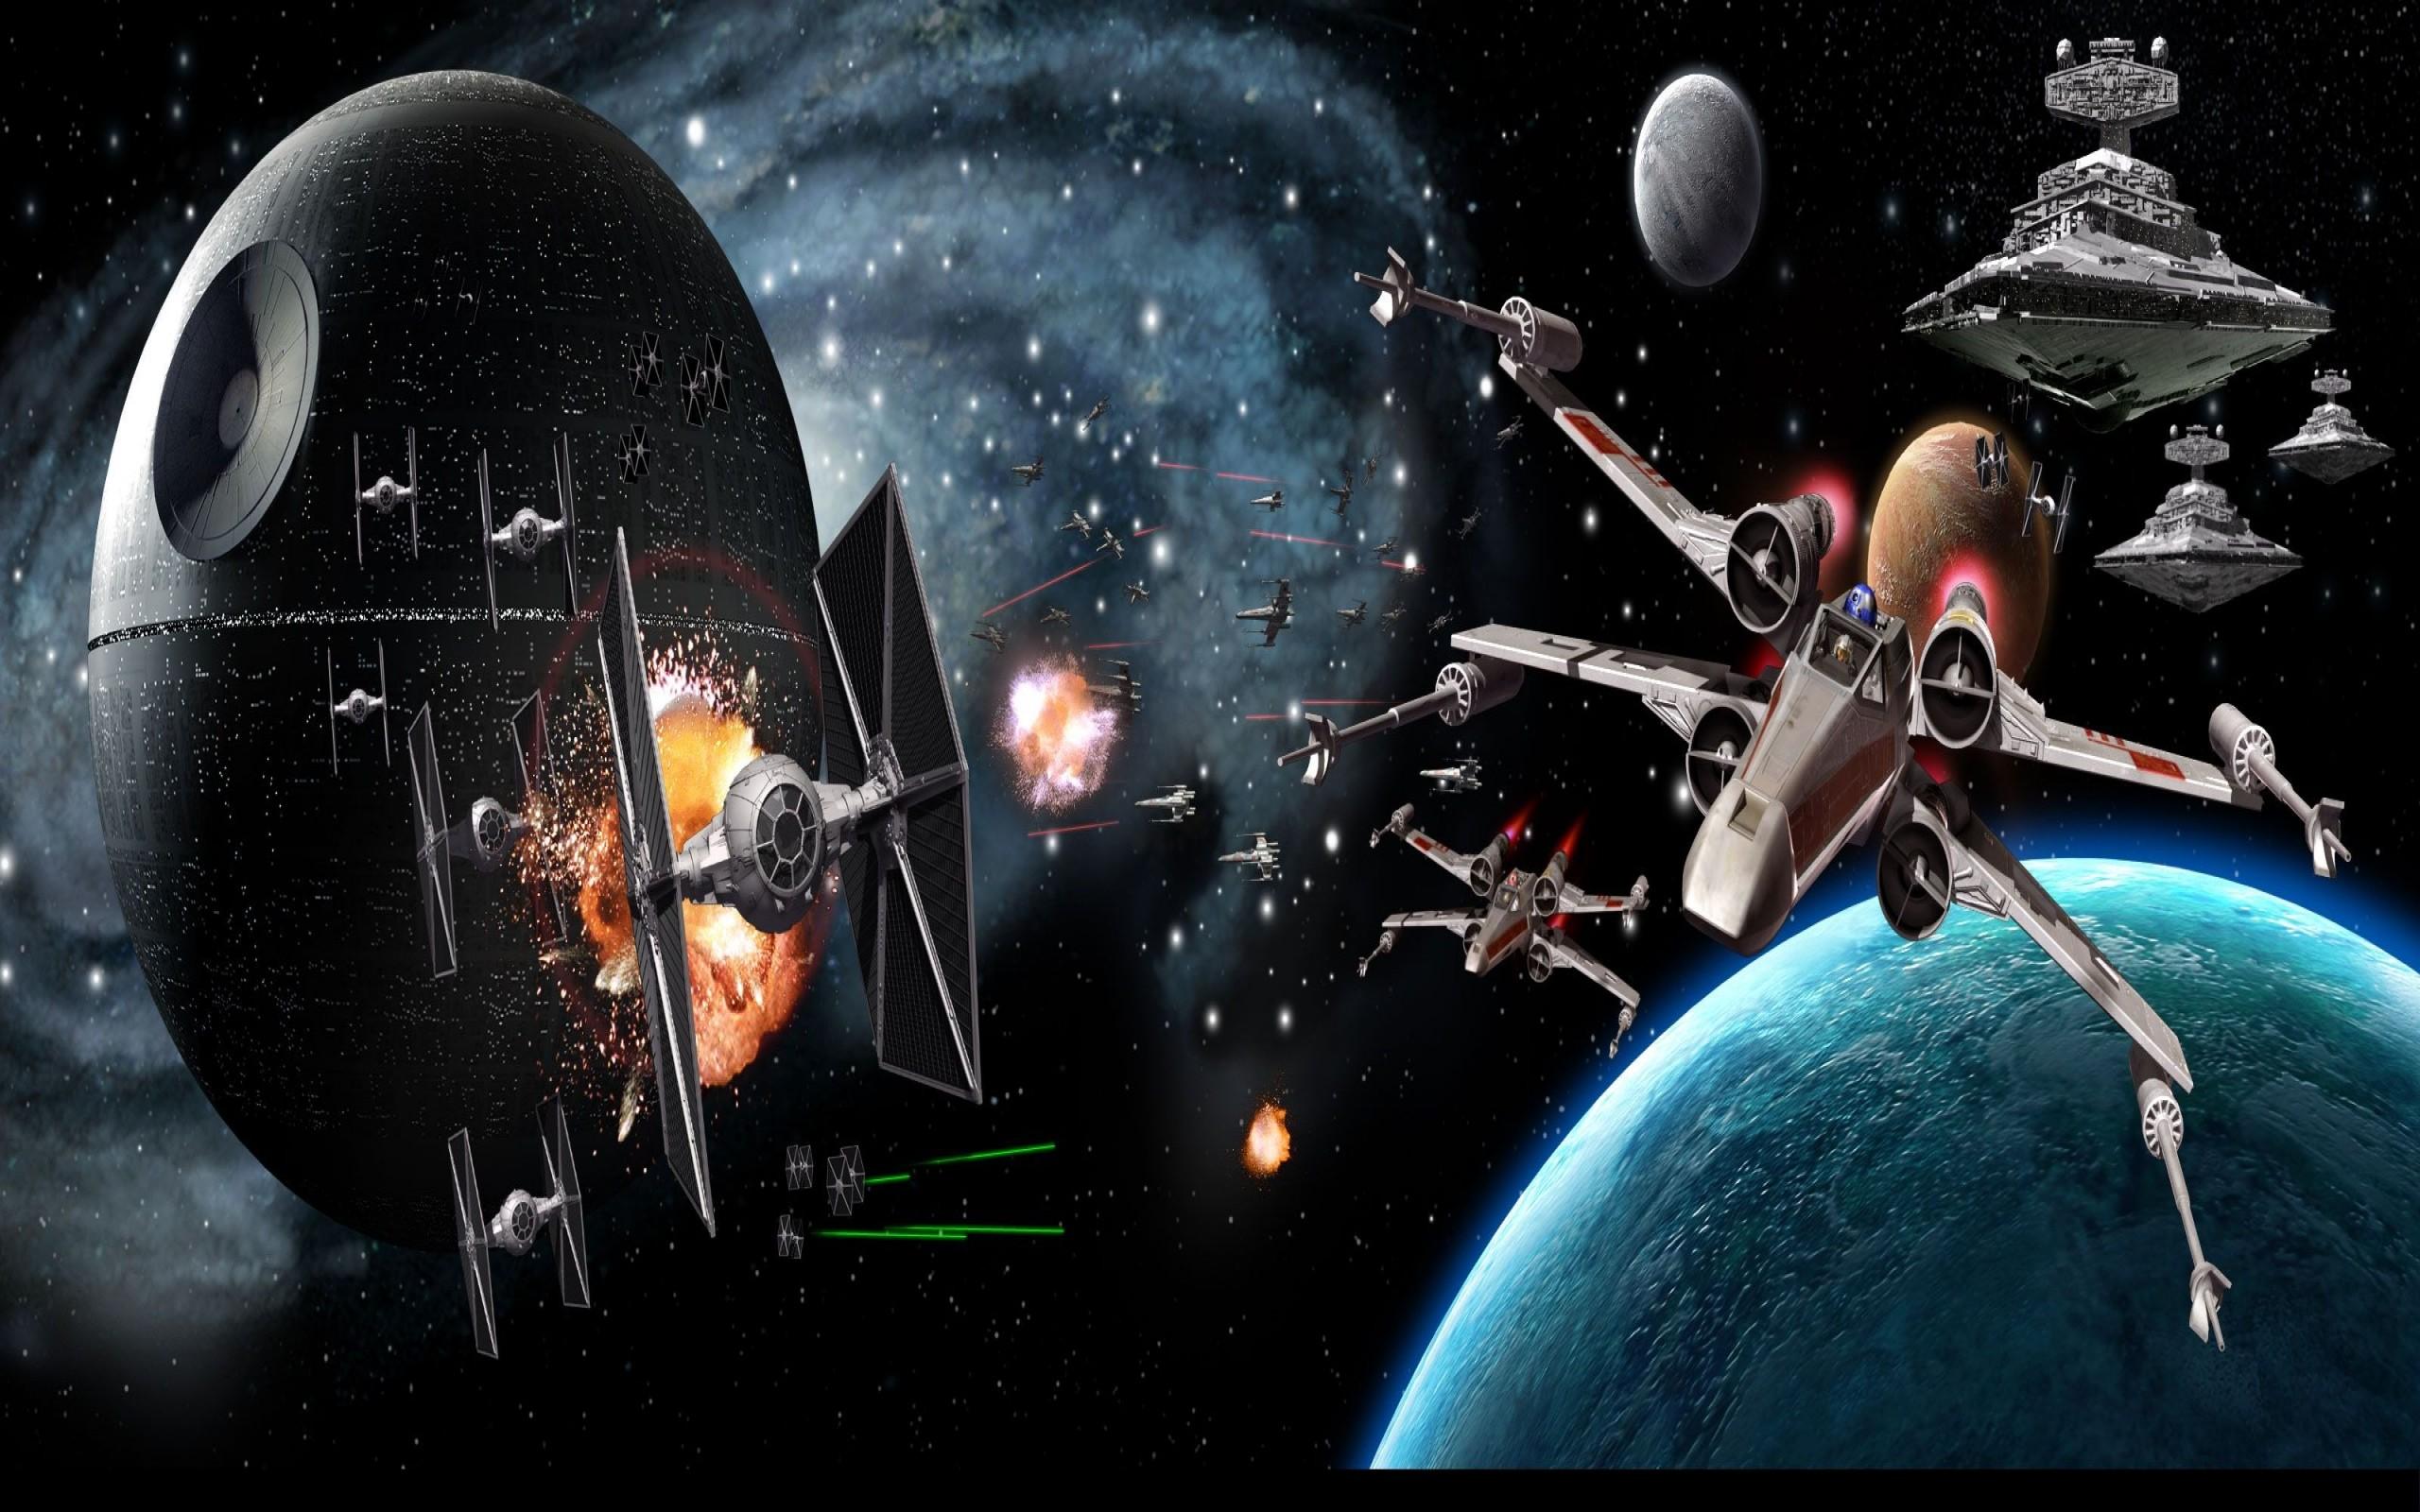 Star Wars Dual Screen Wallpaper 2560X1024